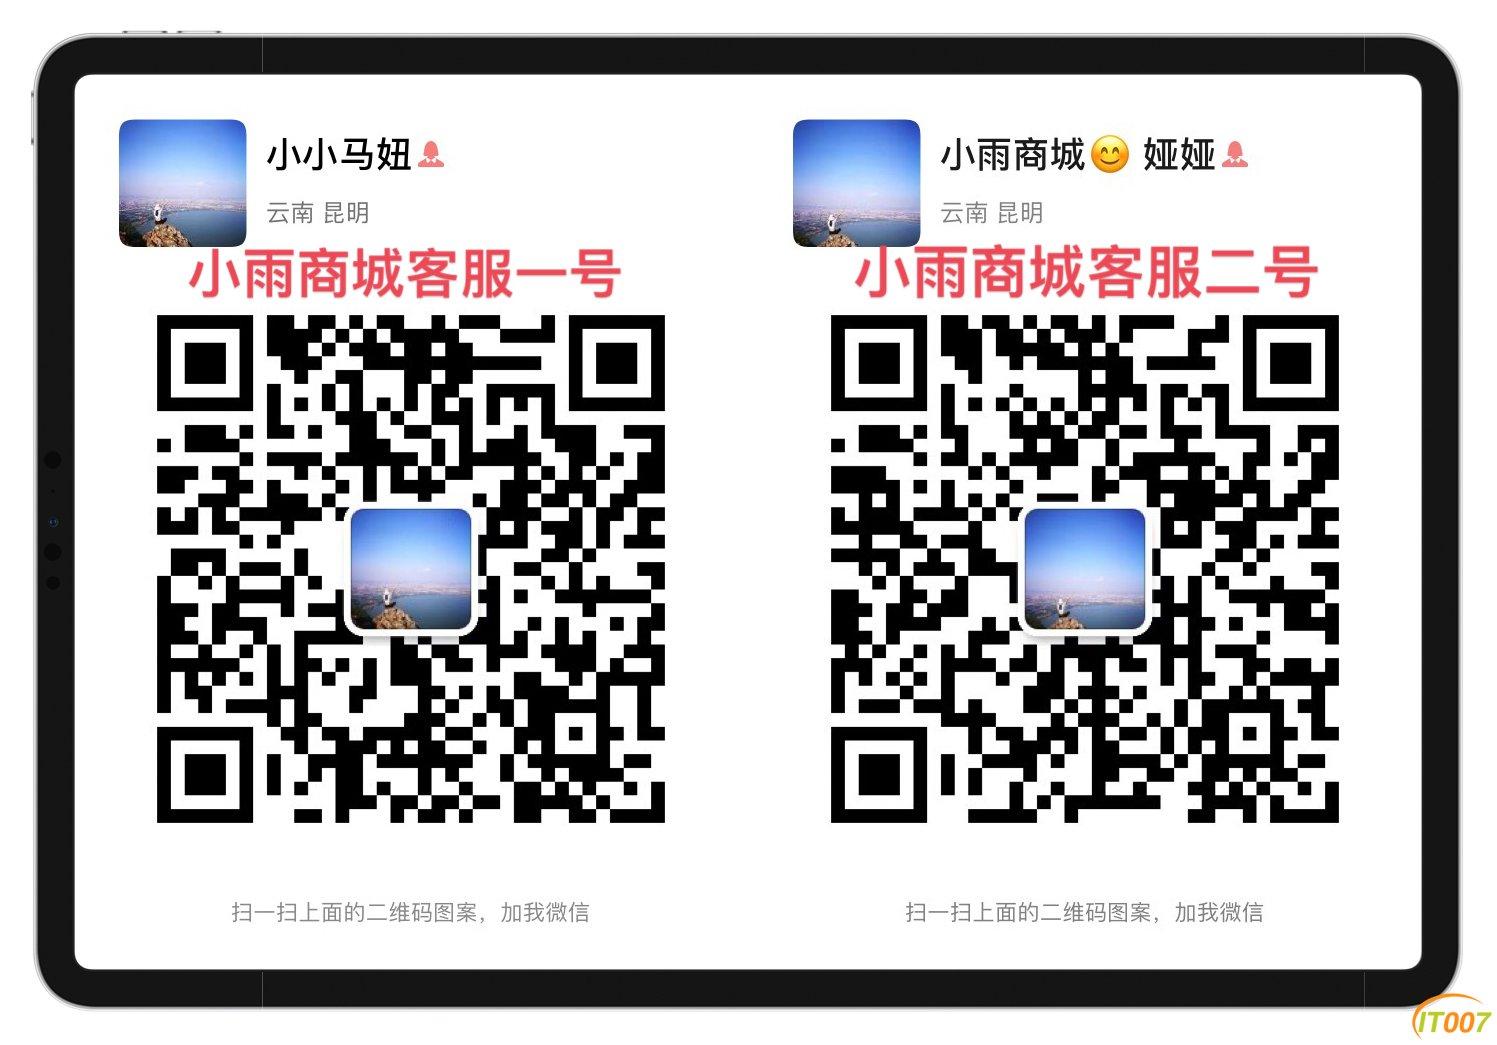 IT007官方店小雨商城3月8日苹果华为荣耀OPPOvivo小米三星手机报价